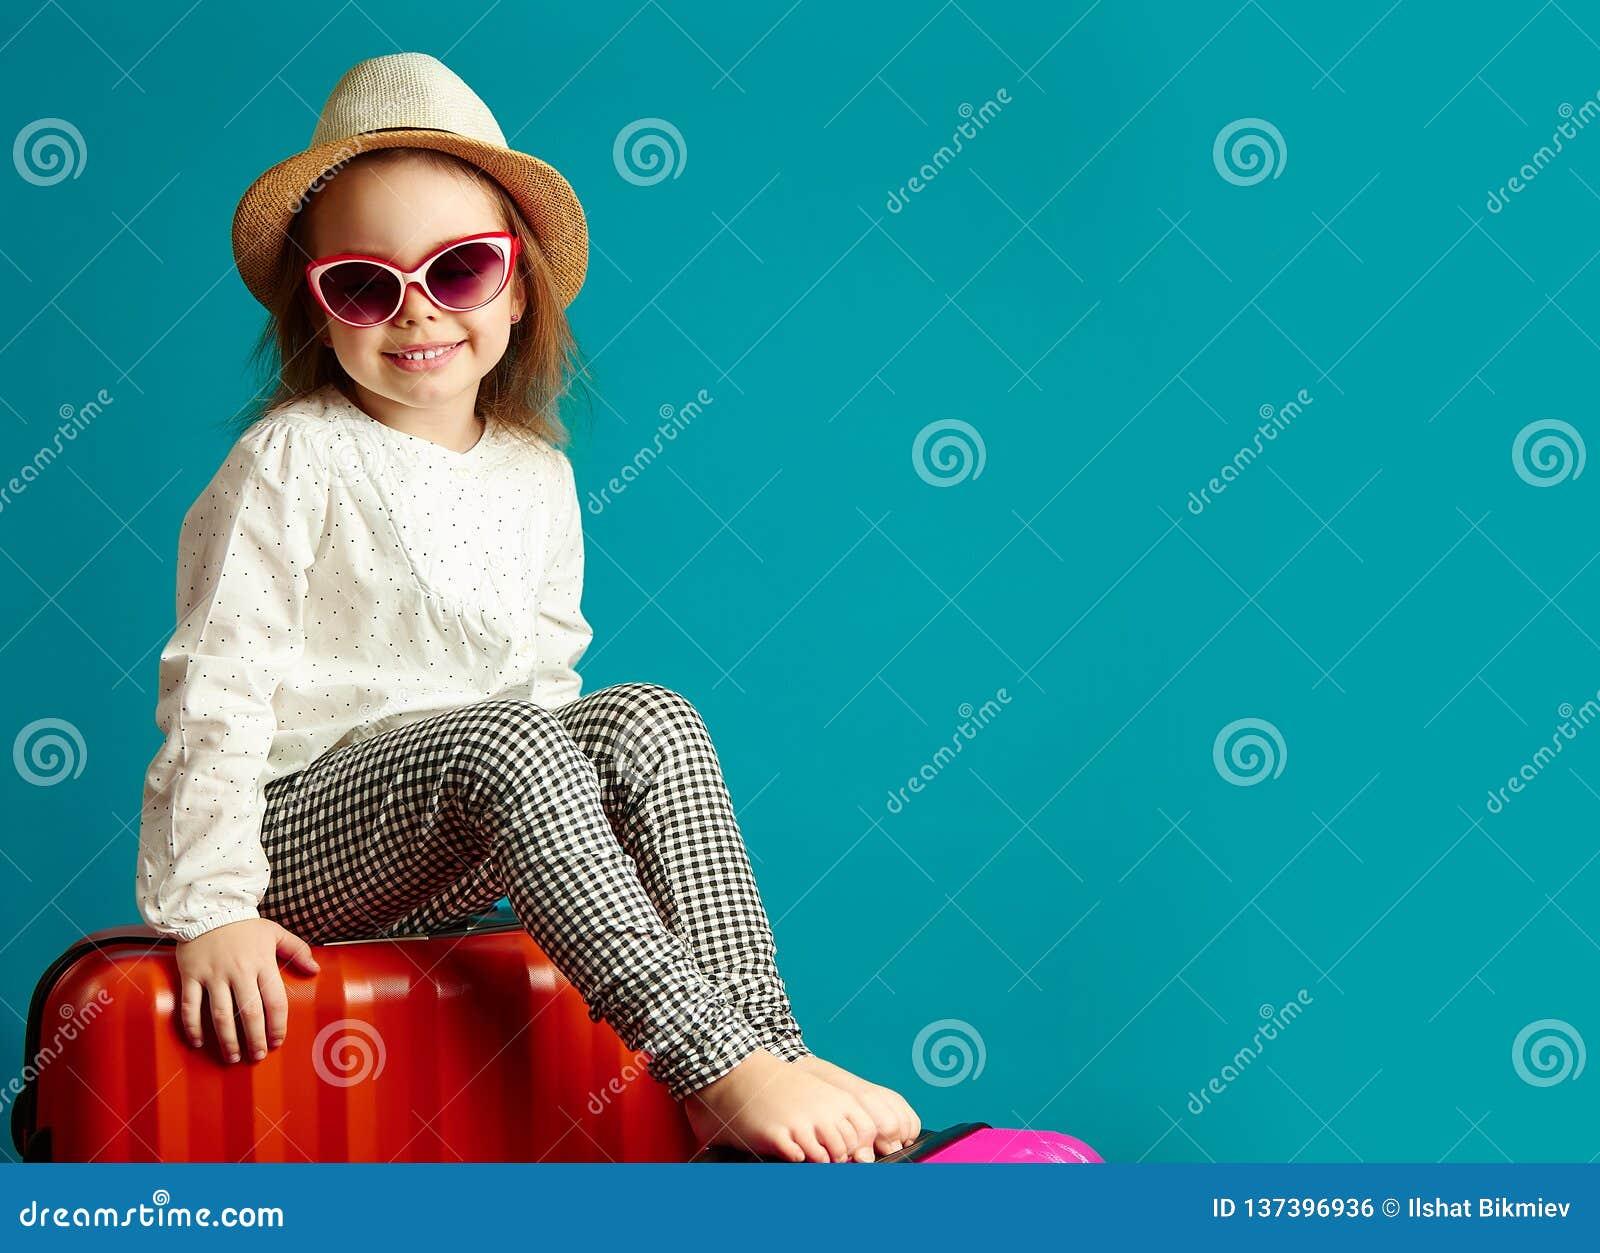 Piccola ragazza sorridente in cappello di paglia ed occhiali da sole che si siedono sulle valigie, ritratto di andare in viaggio